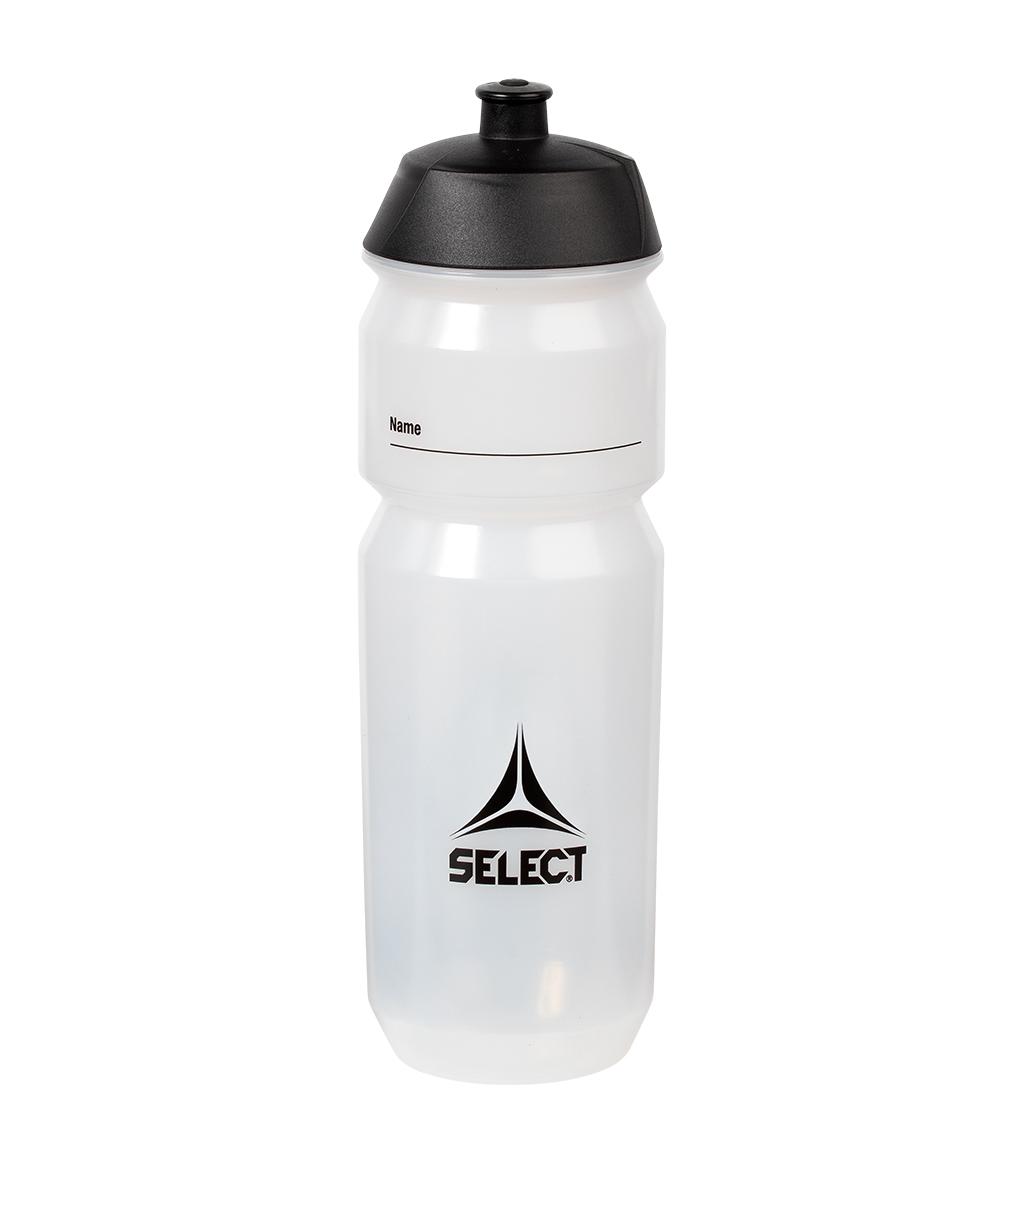 Купить бутылку Select Drinking Bottle 750 мл 700806-000 в интернет-магазине